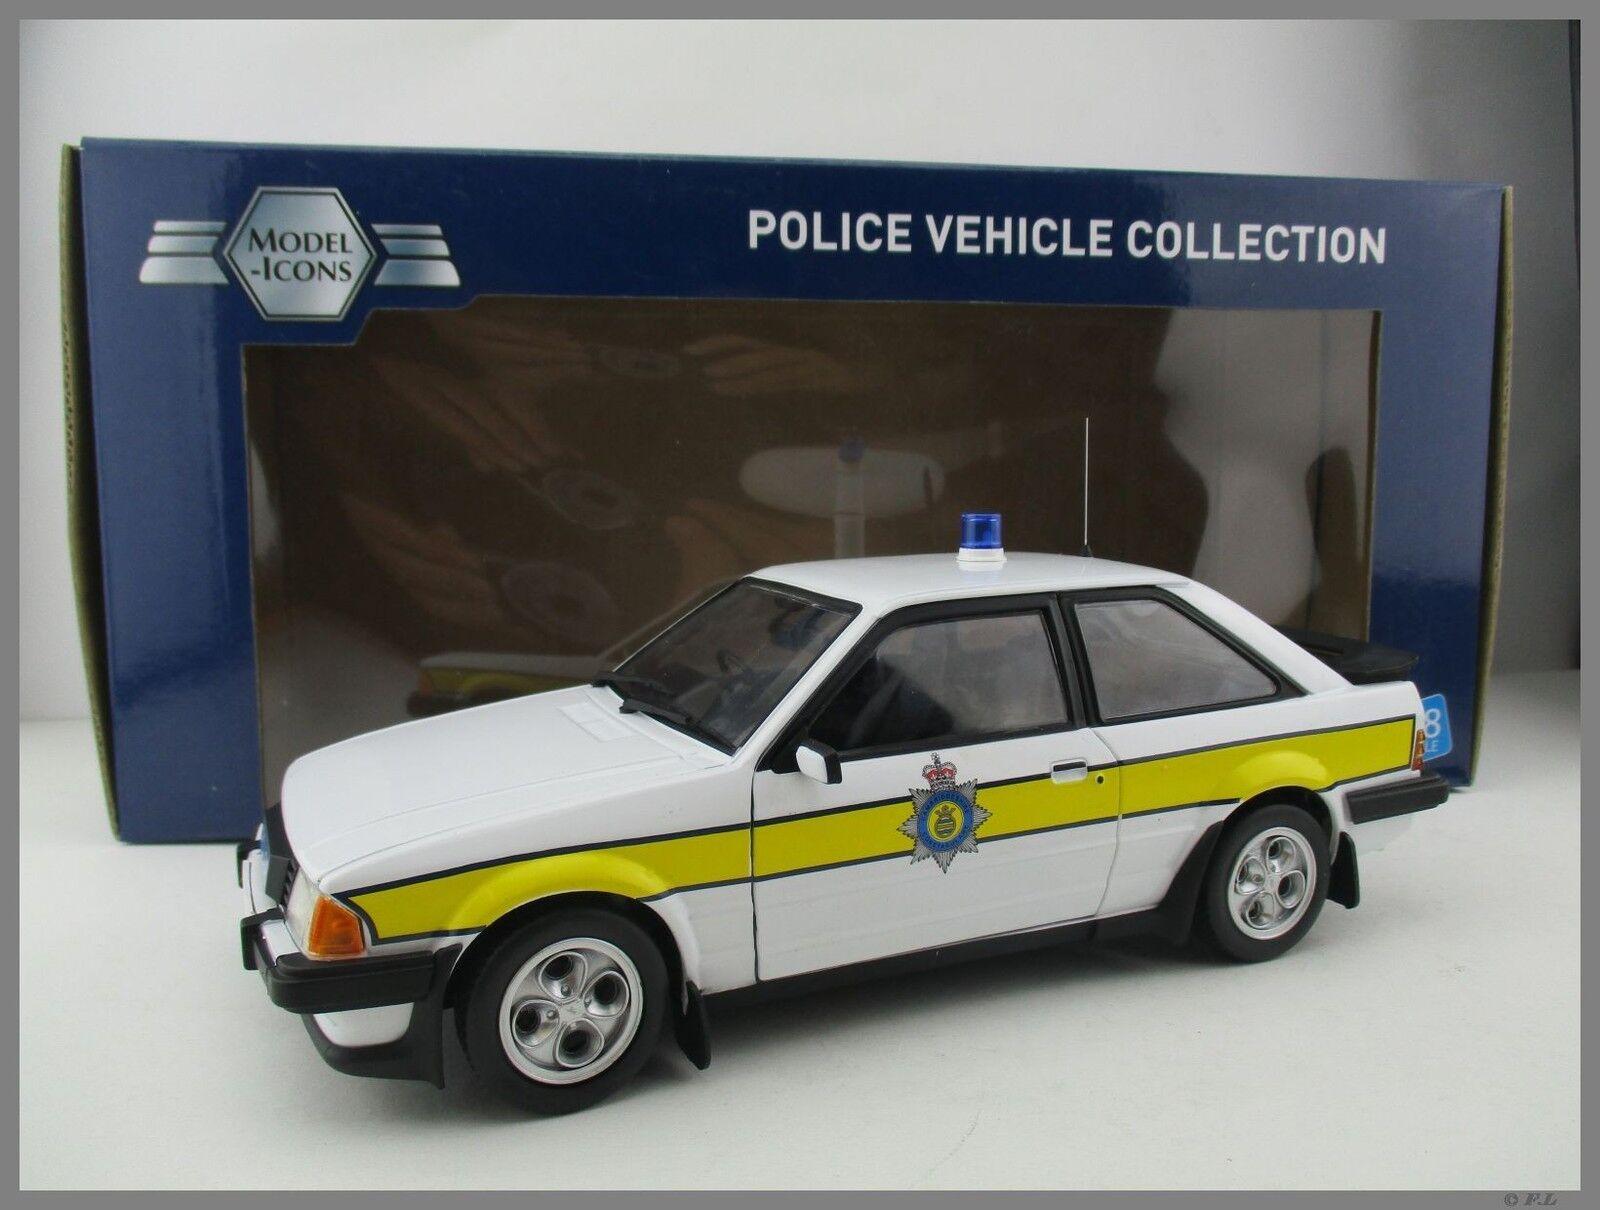 ventas calientes Ford escor xr3i Cambridgeshire Constabulary Model-ICONS 1 18 18 18 OVP nuevo  descuento de bajo precio